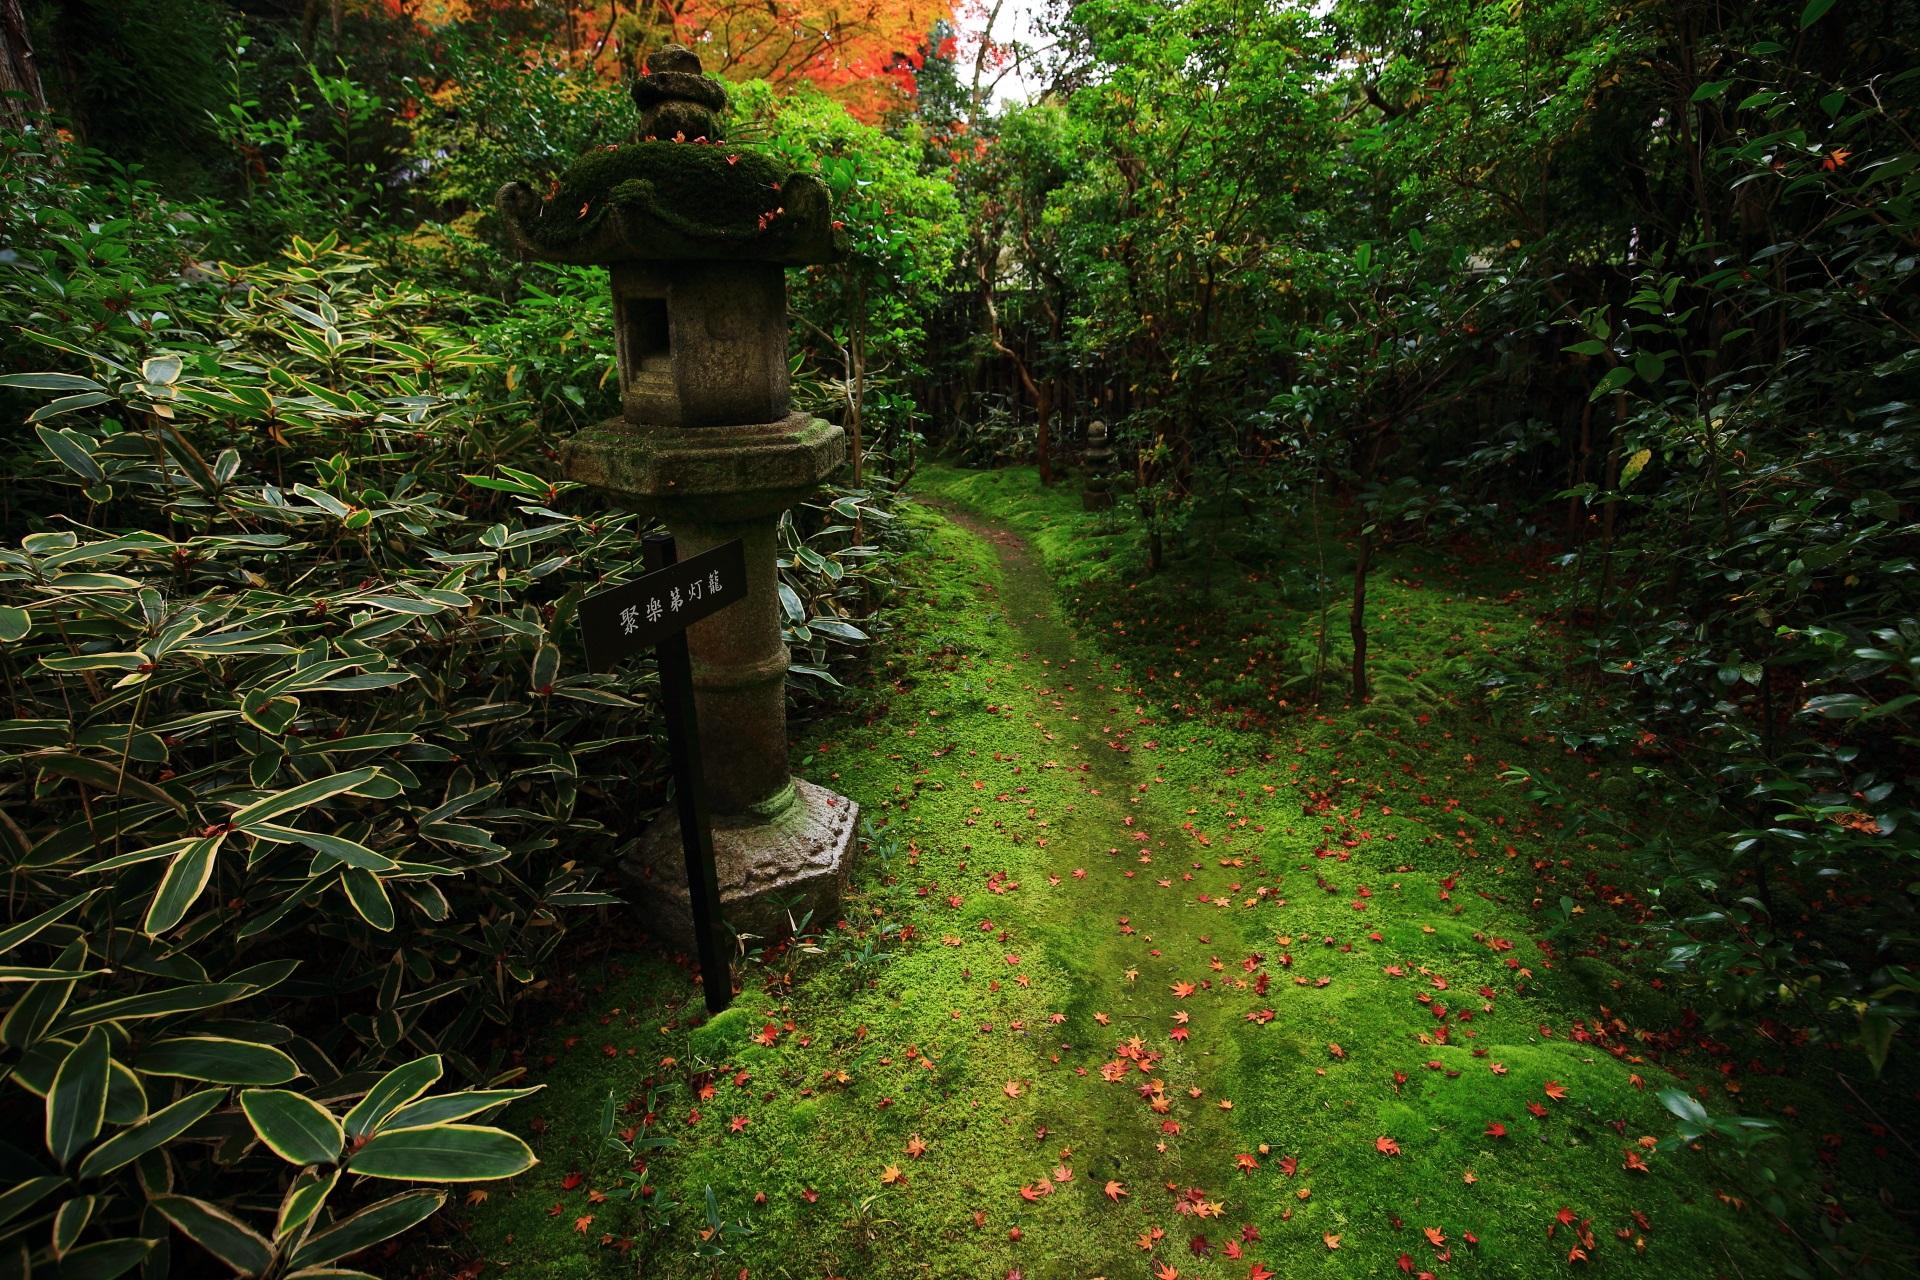 歩くのも気が引けるような綺麗なふかふかの苔の参道が続く含翆庭